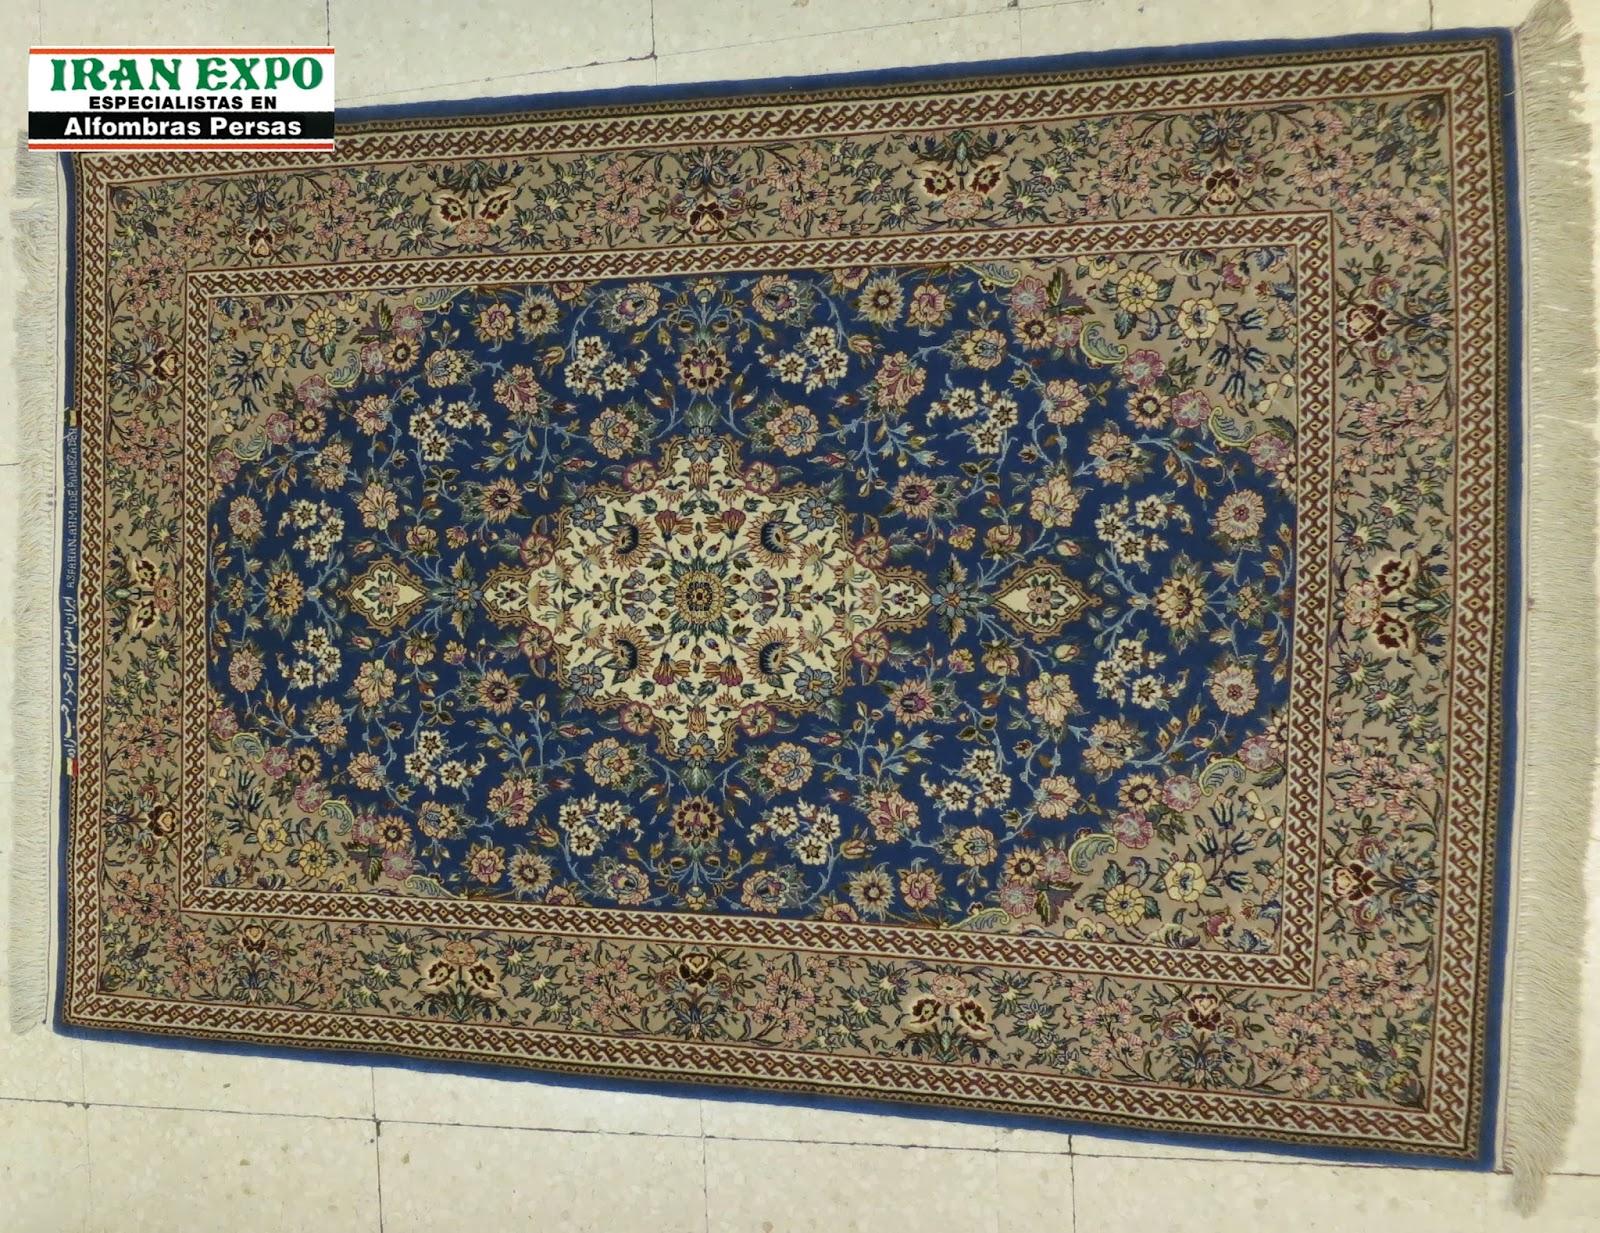 alfombras iran expo mito 1 las alfombras persas son